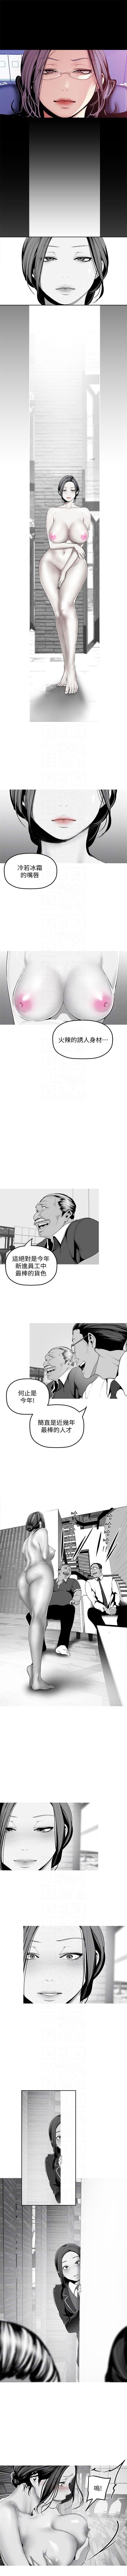 (週1)美麗新世界 1-70 中文翻譯 (更新中) 337